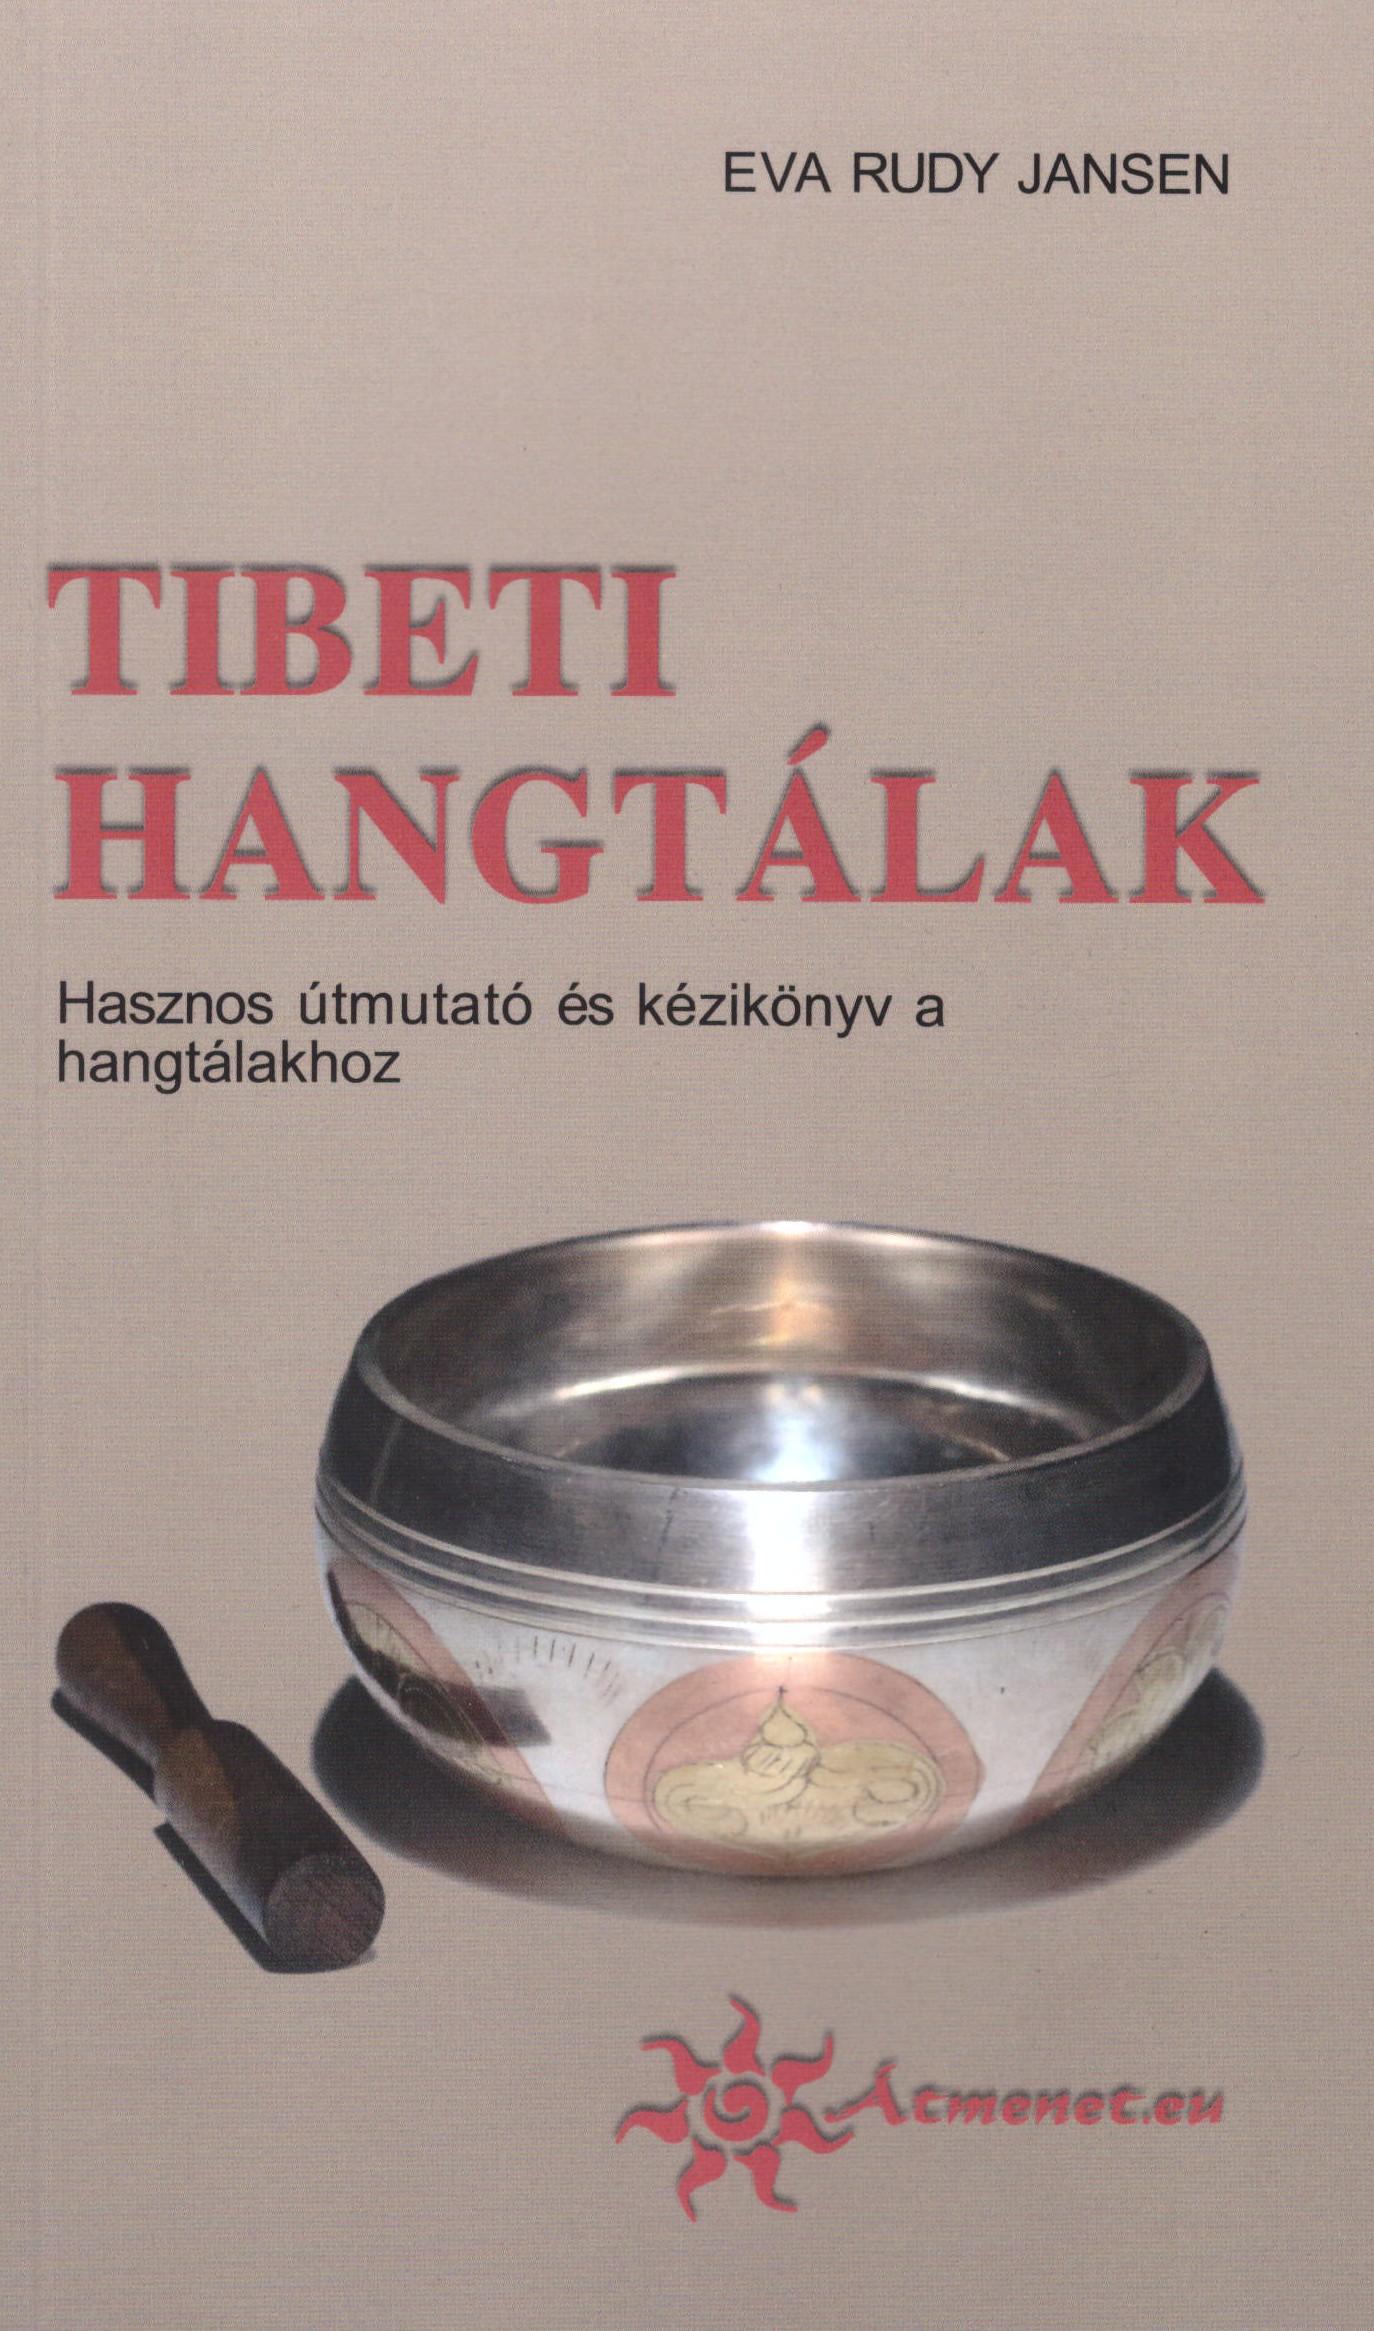 Tibeti hangtálak